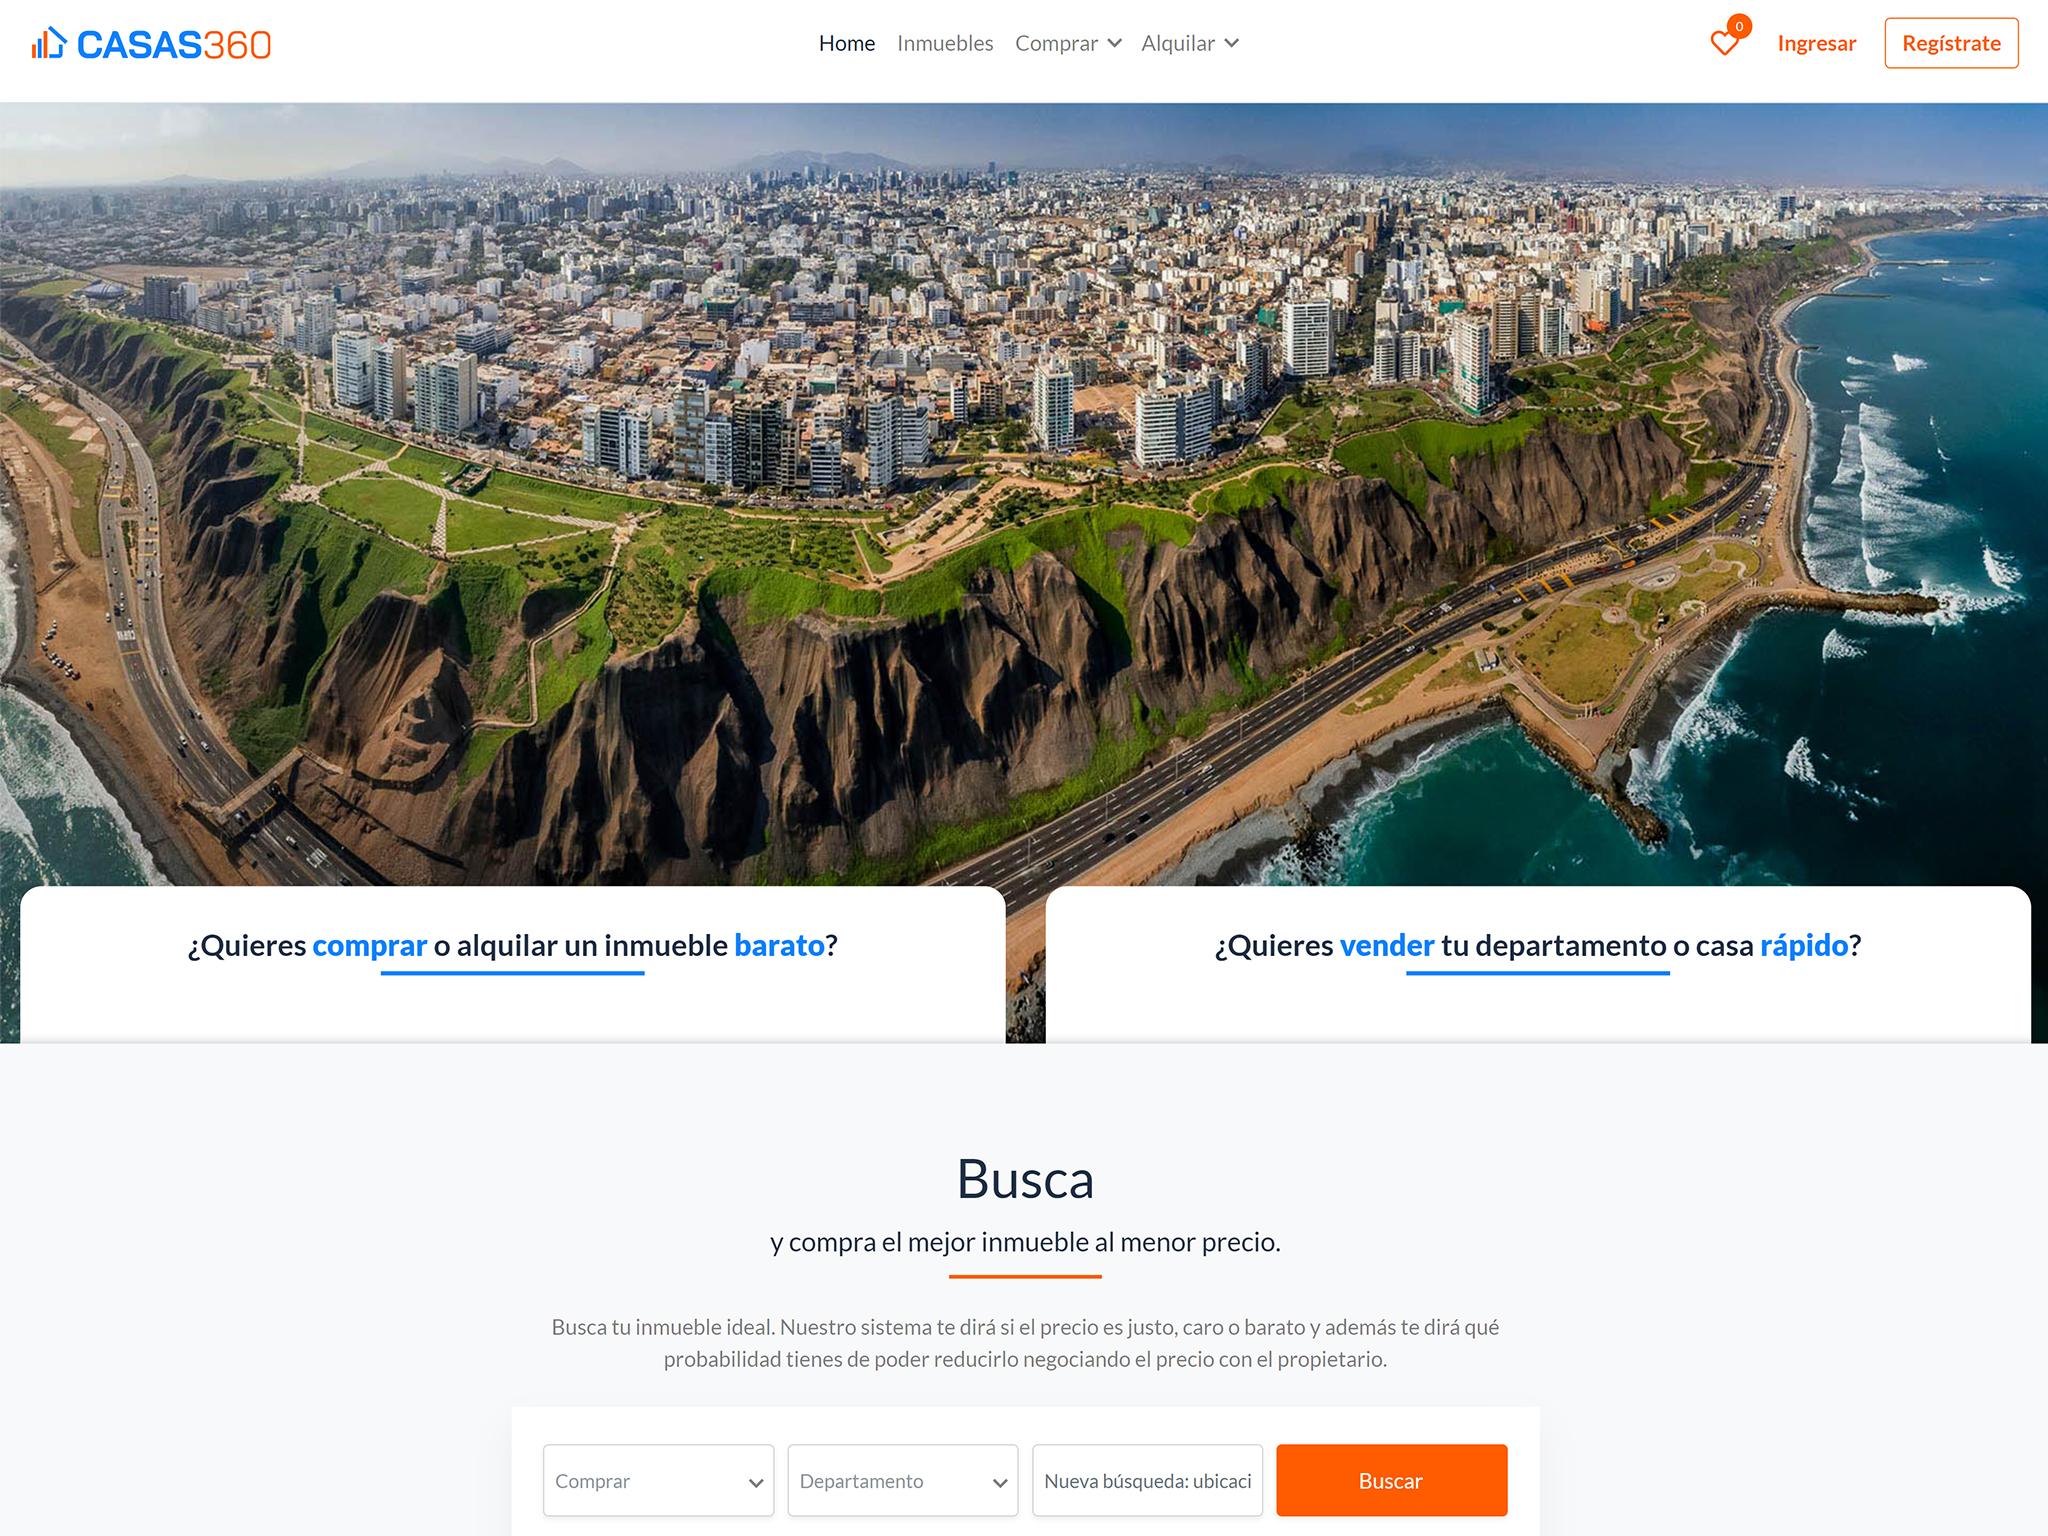 Casas360: La plataforma que transformará el sector inmobiliario con nuevas formas de comprar, vender y alquilar